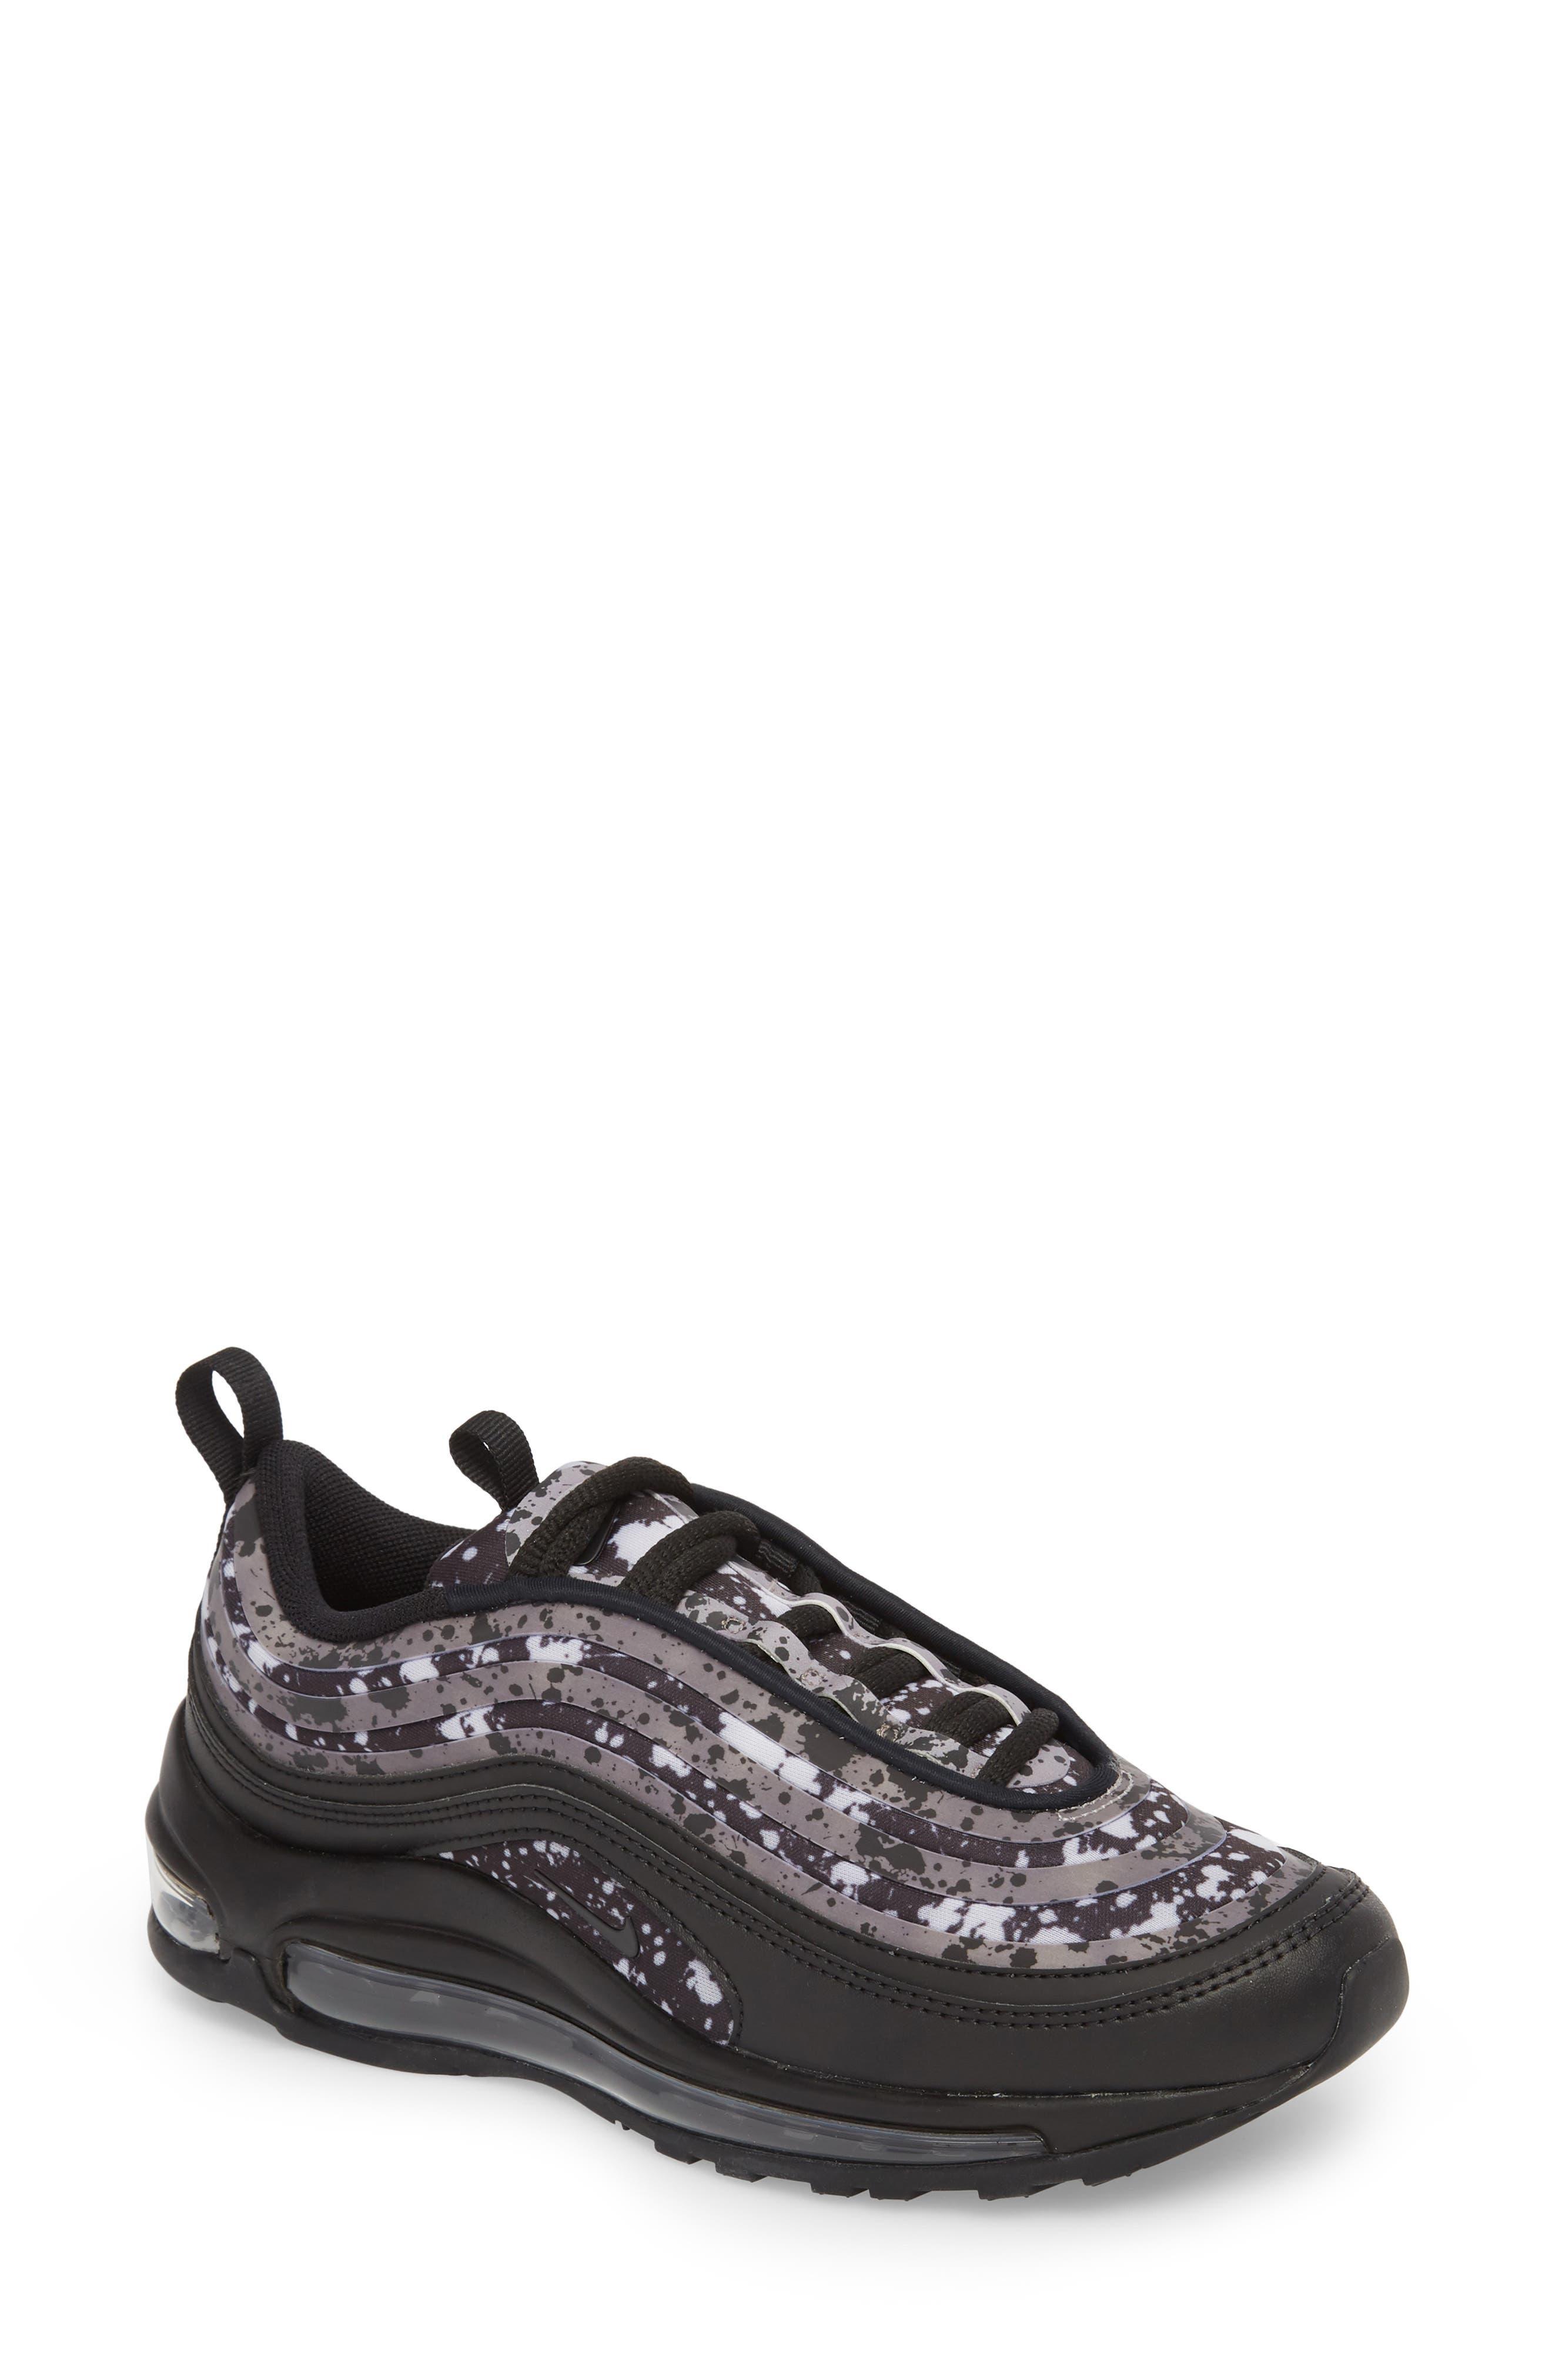 Air Max 97 Ultra '17 Premium Sneaker,                         Main,                         color, Black/ Black-Vast Grey